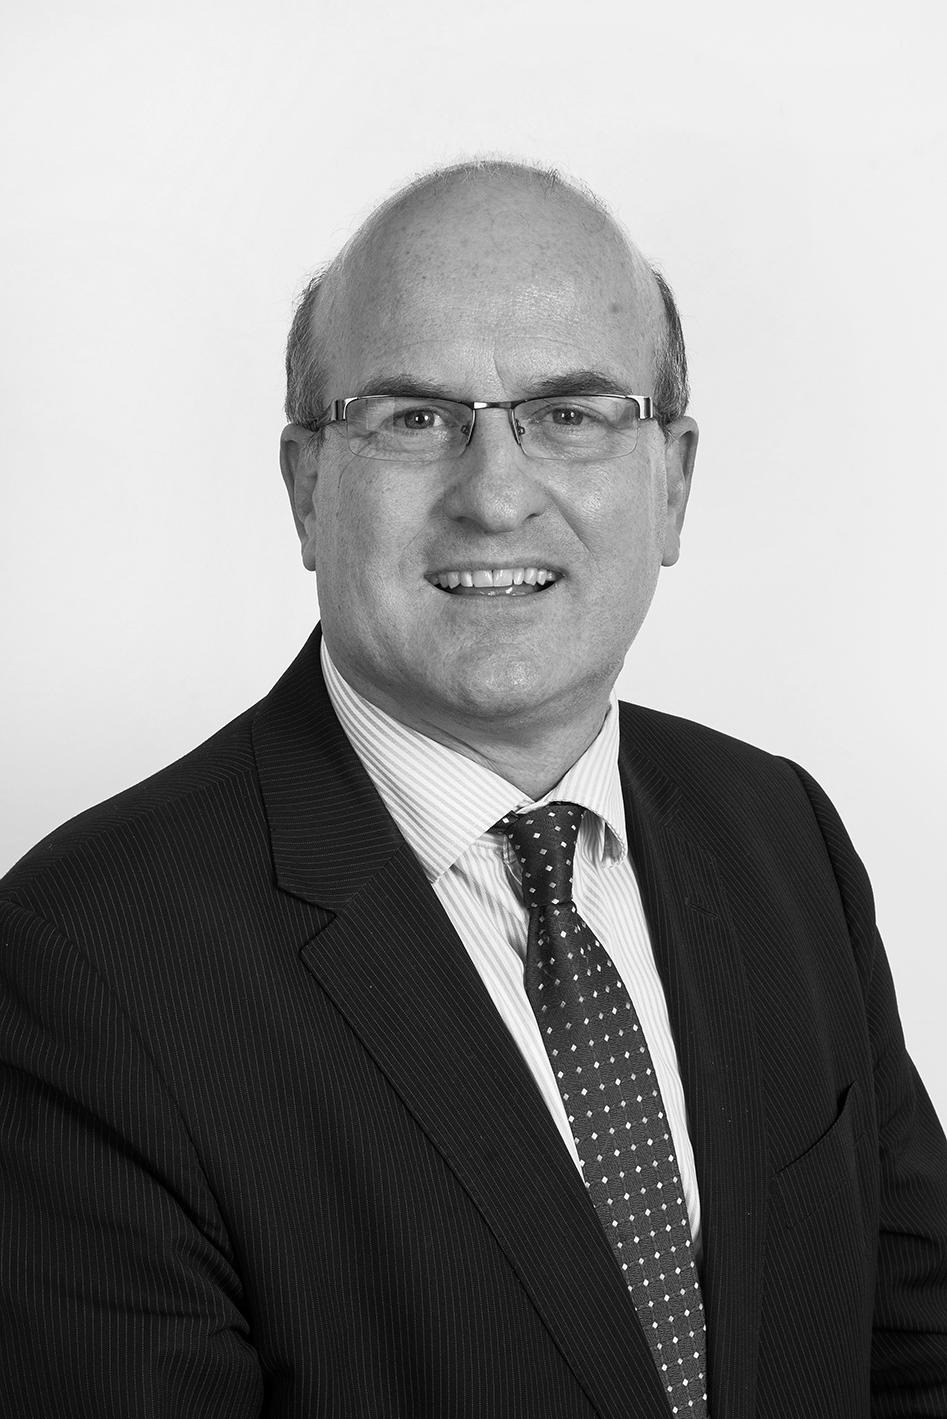 Mark Sobey